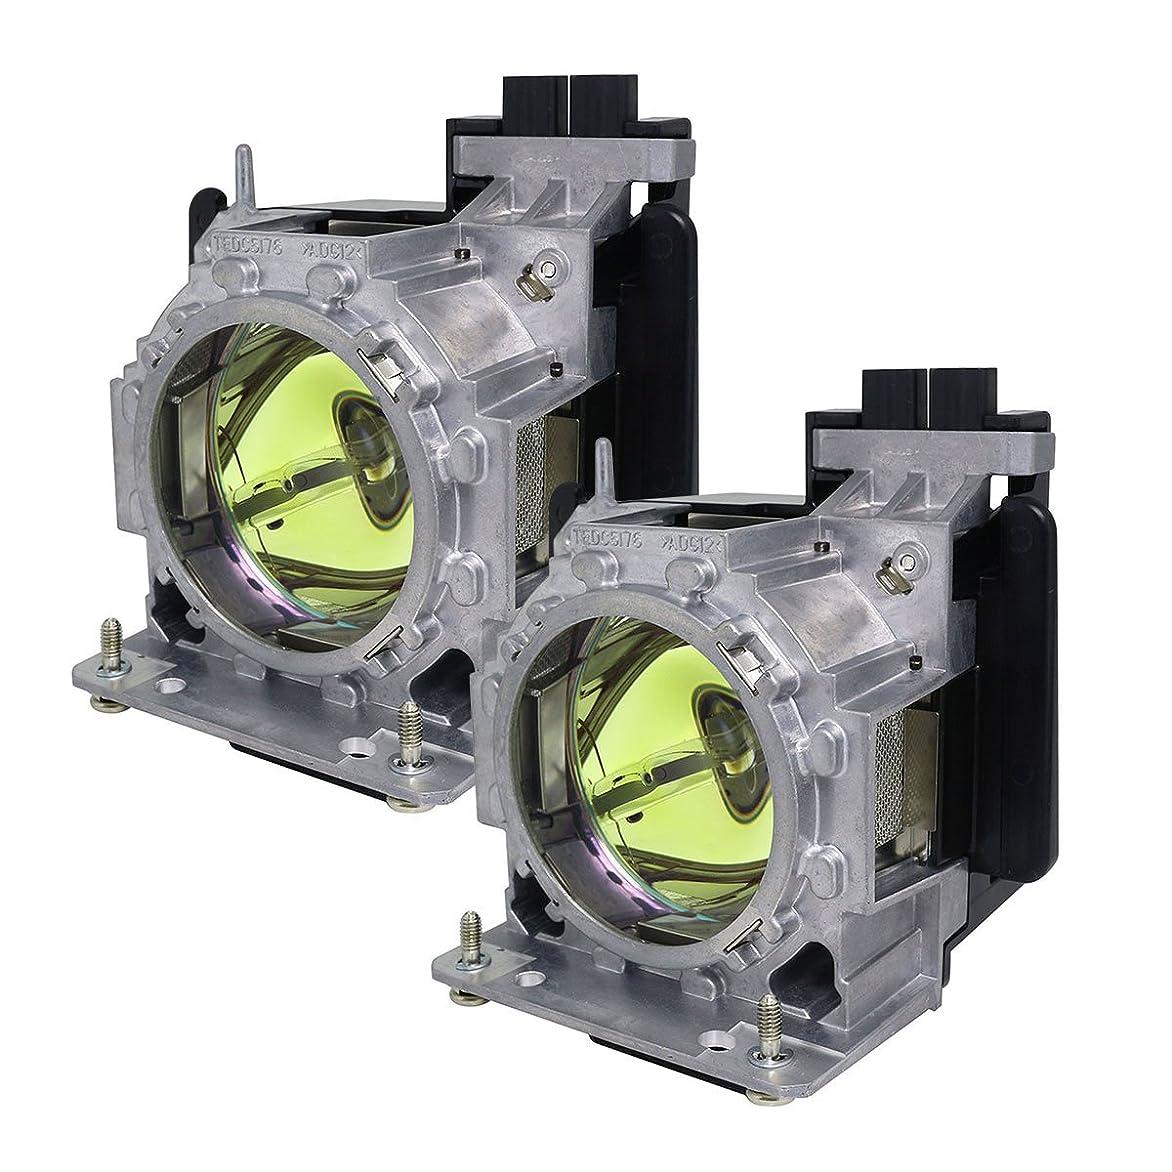 骨髄寄生虫部族Panasonic プロジェクター用交換ランプ ET-LAD310W 純正バルブ採用ランプユニット(2灯セット)